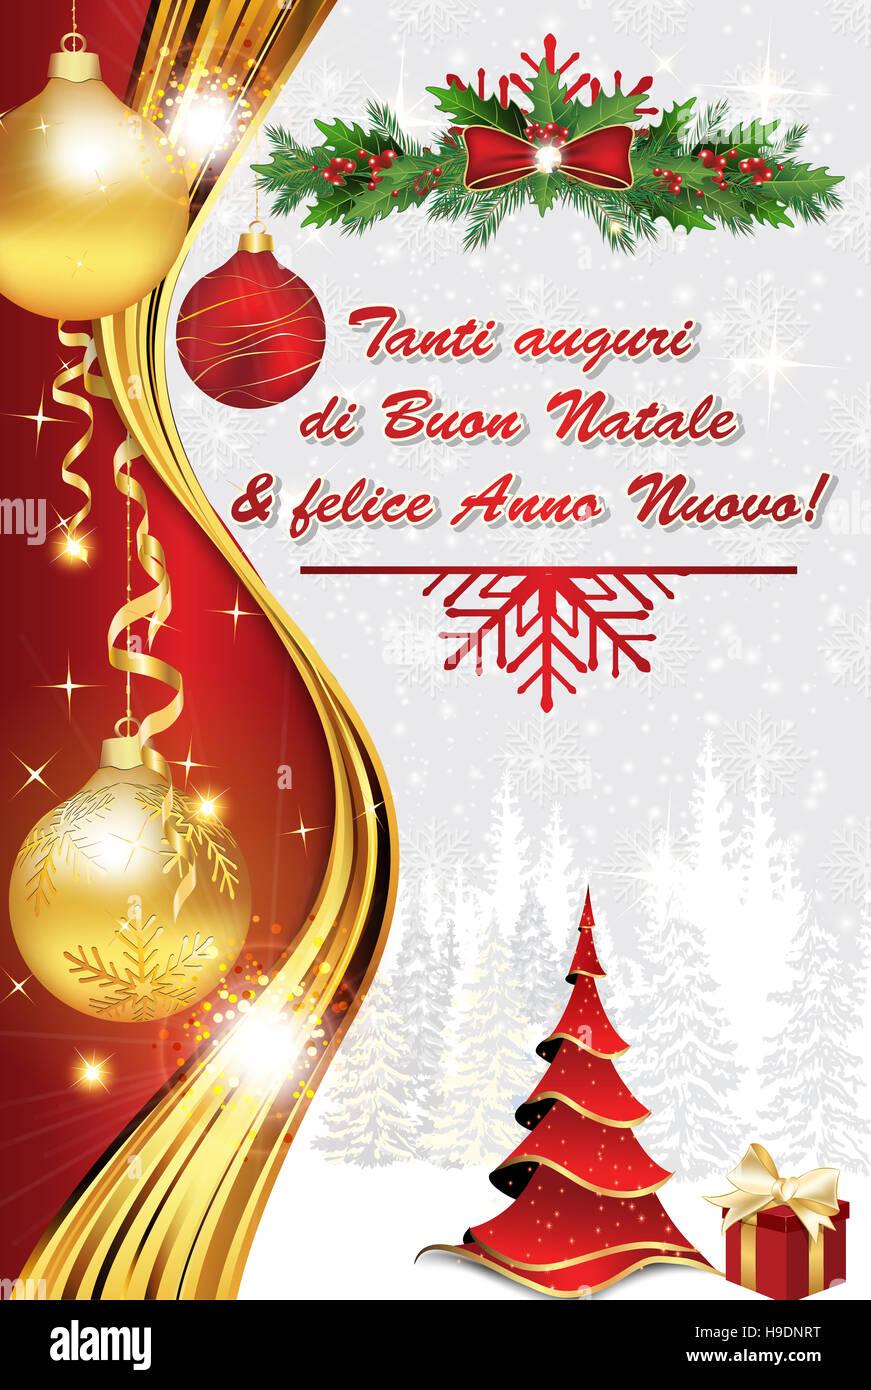 Favoloso Tanti auguri di Buon Natale & felice Anno Nuovo! - Biglietto Stock  WB11